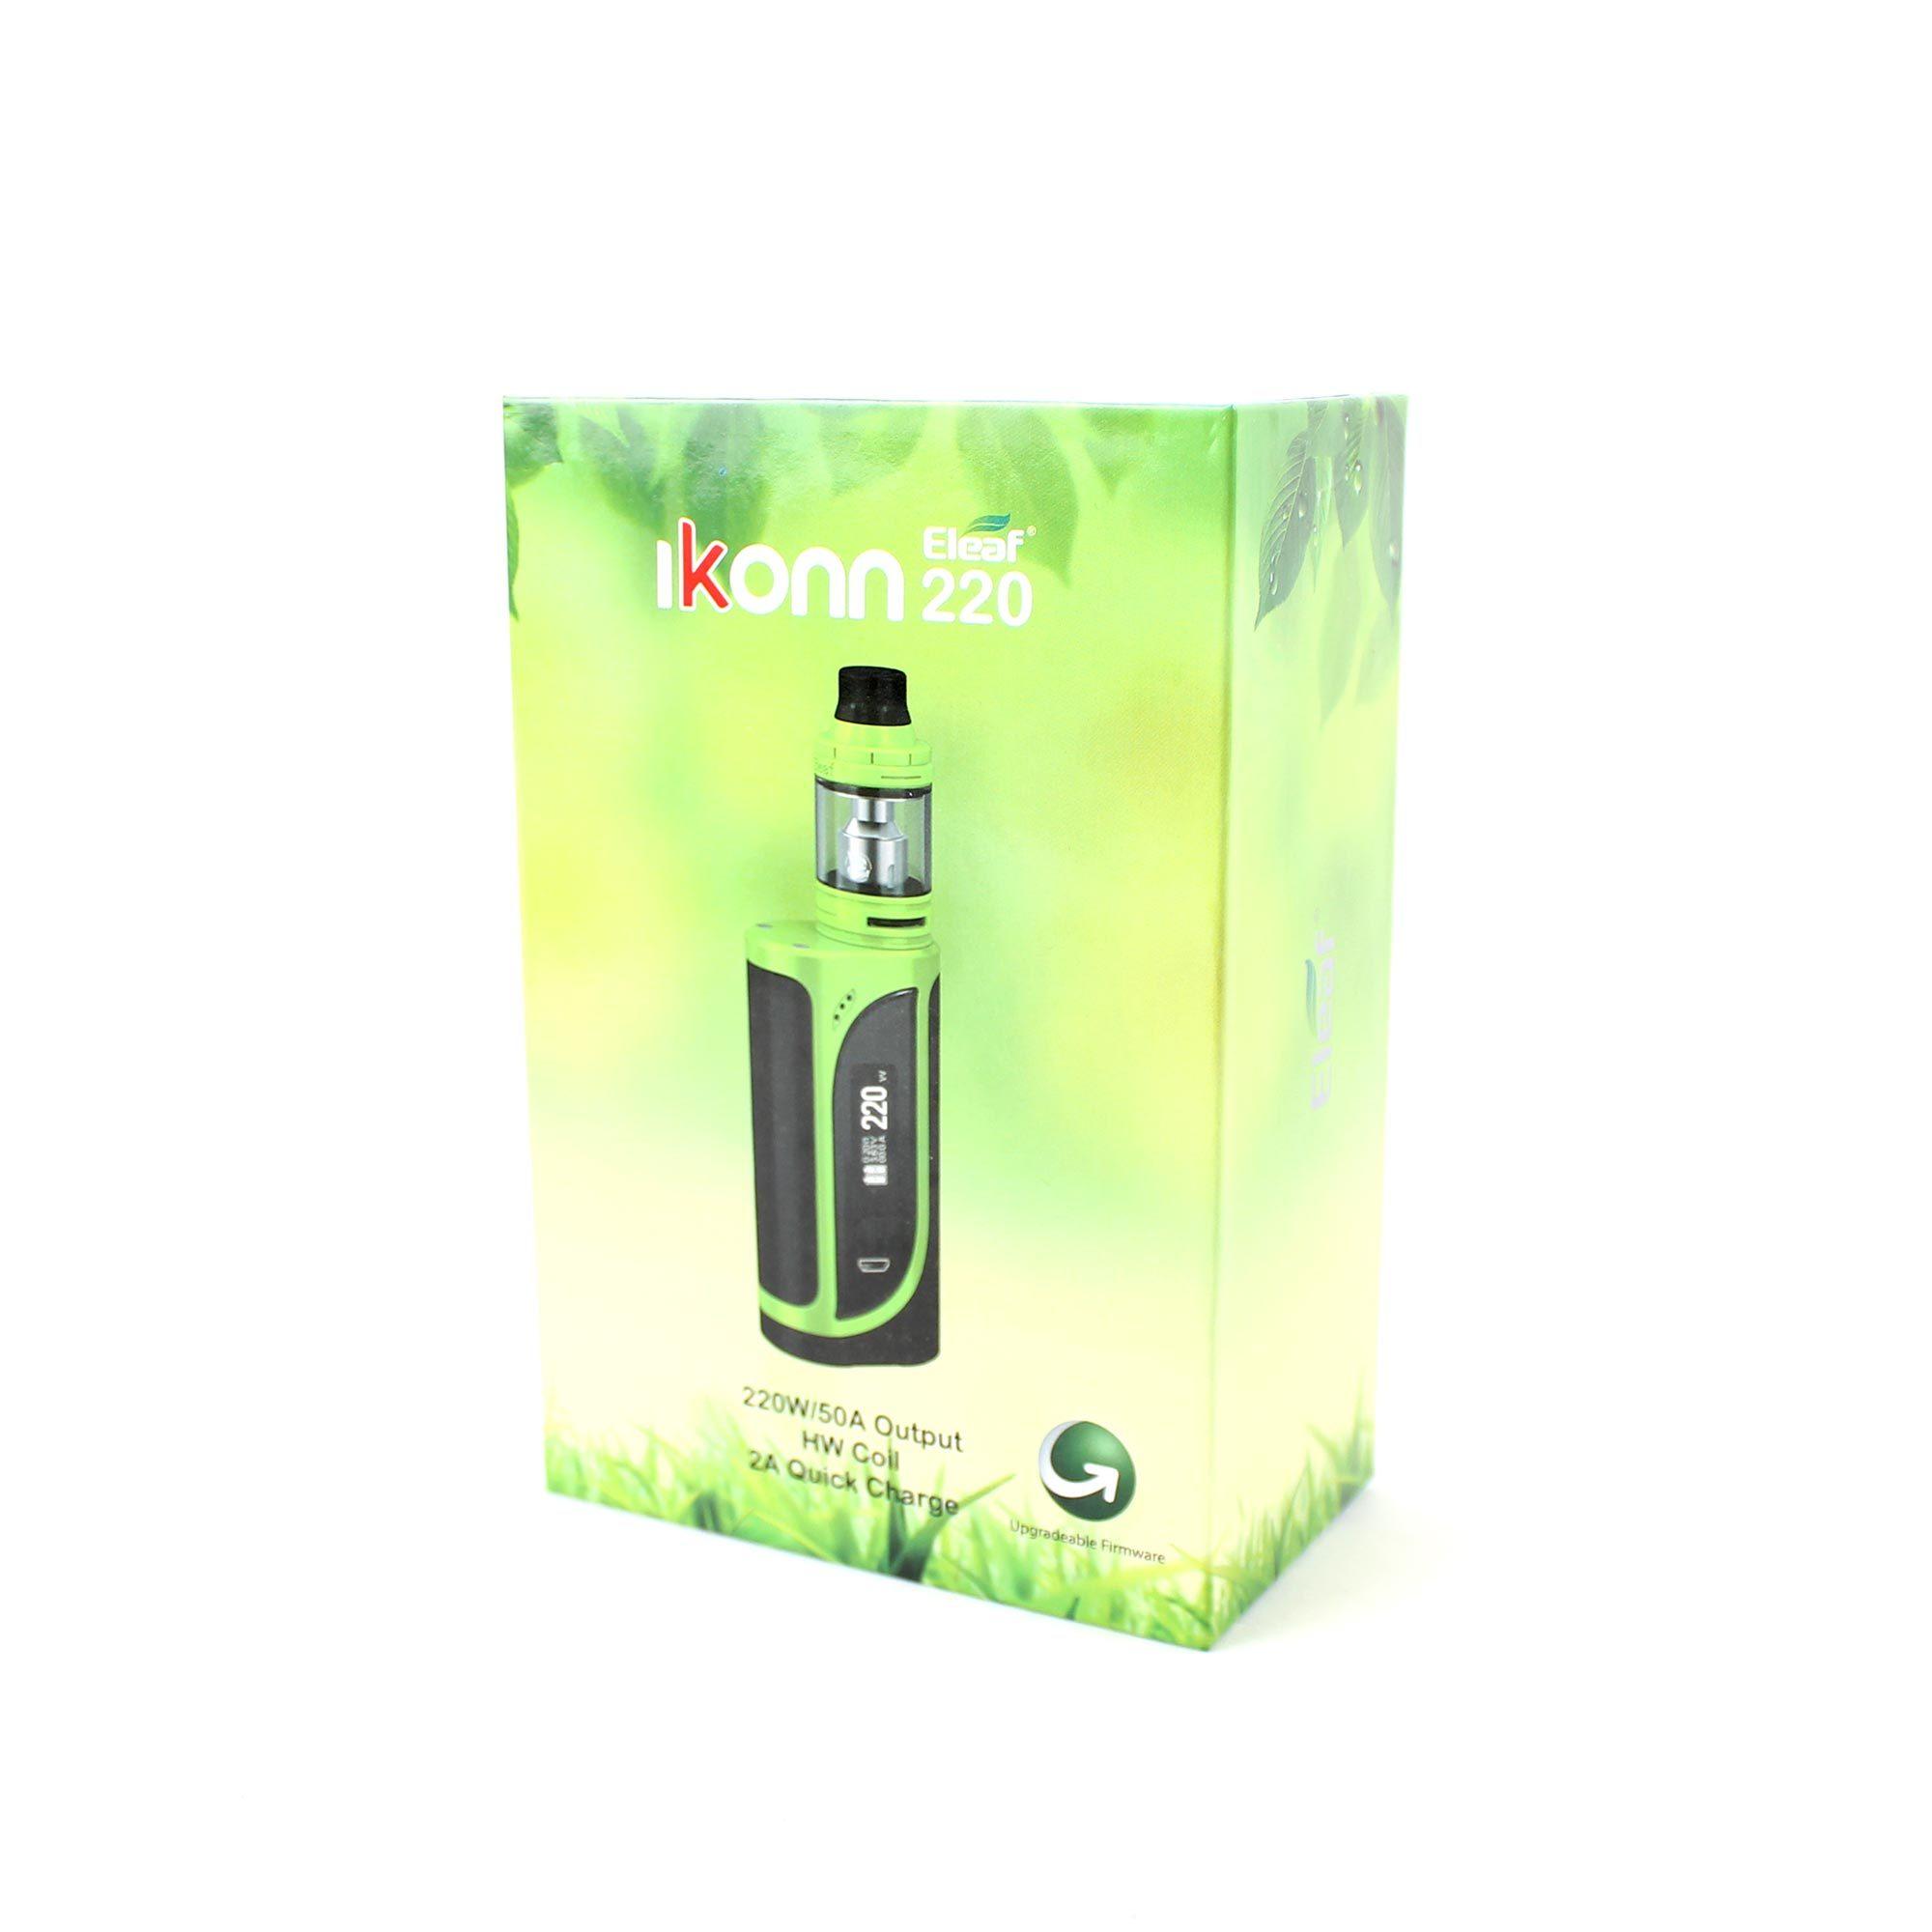 Фирменная коробка Eleaf Ikonn 220 kit